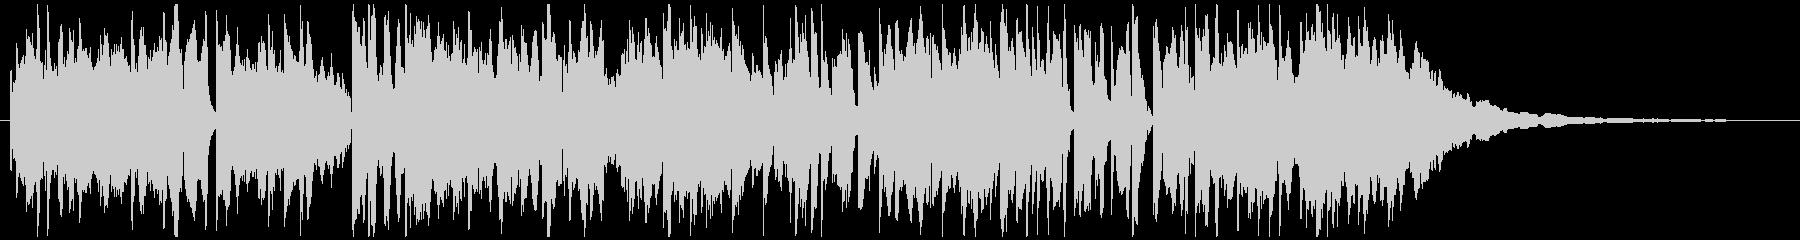 番組インターバル、すき間、ローズピアノの未再生の波形